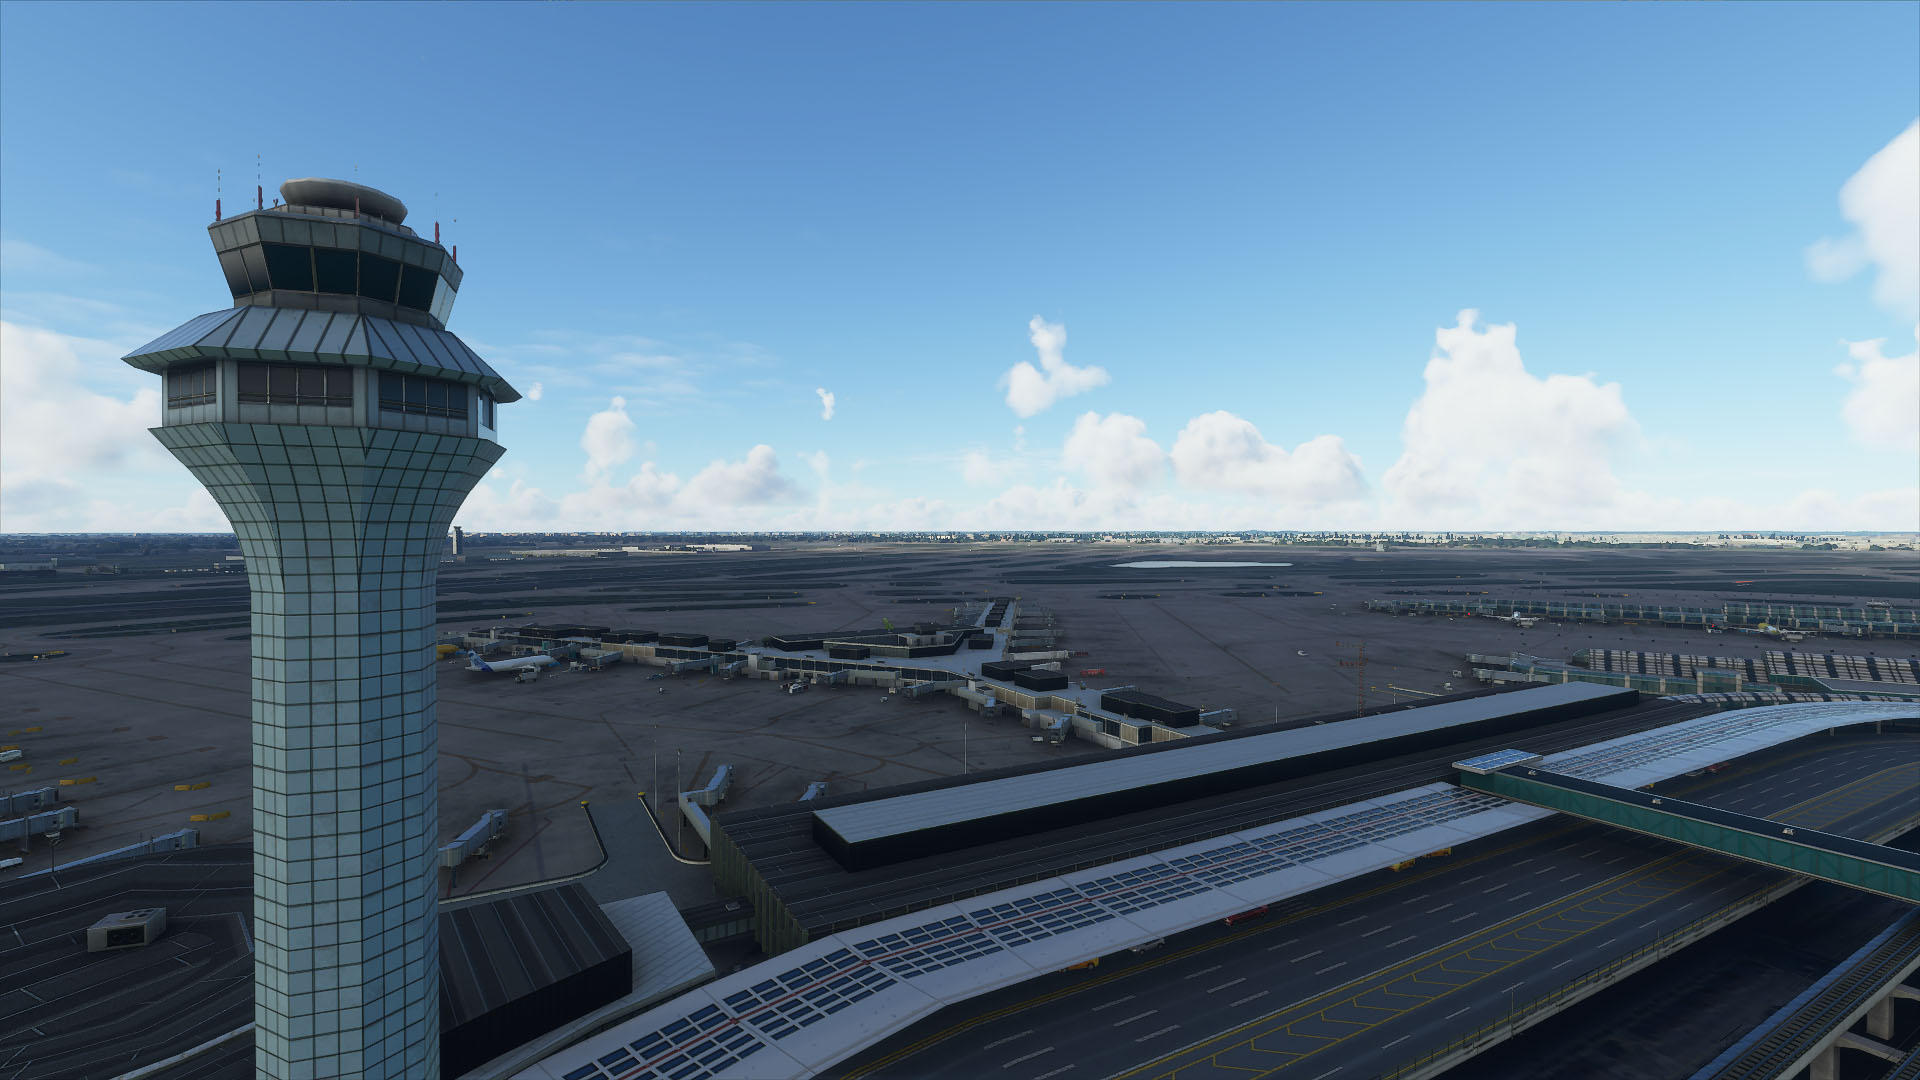 Review: FSDreamteam Chicago-O'Hare Airport para Microsoft Flight Simulator